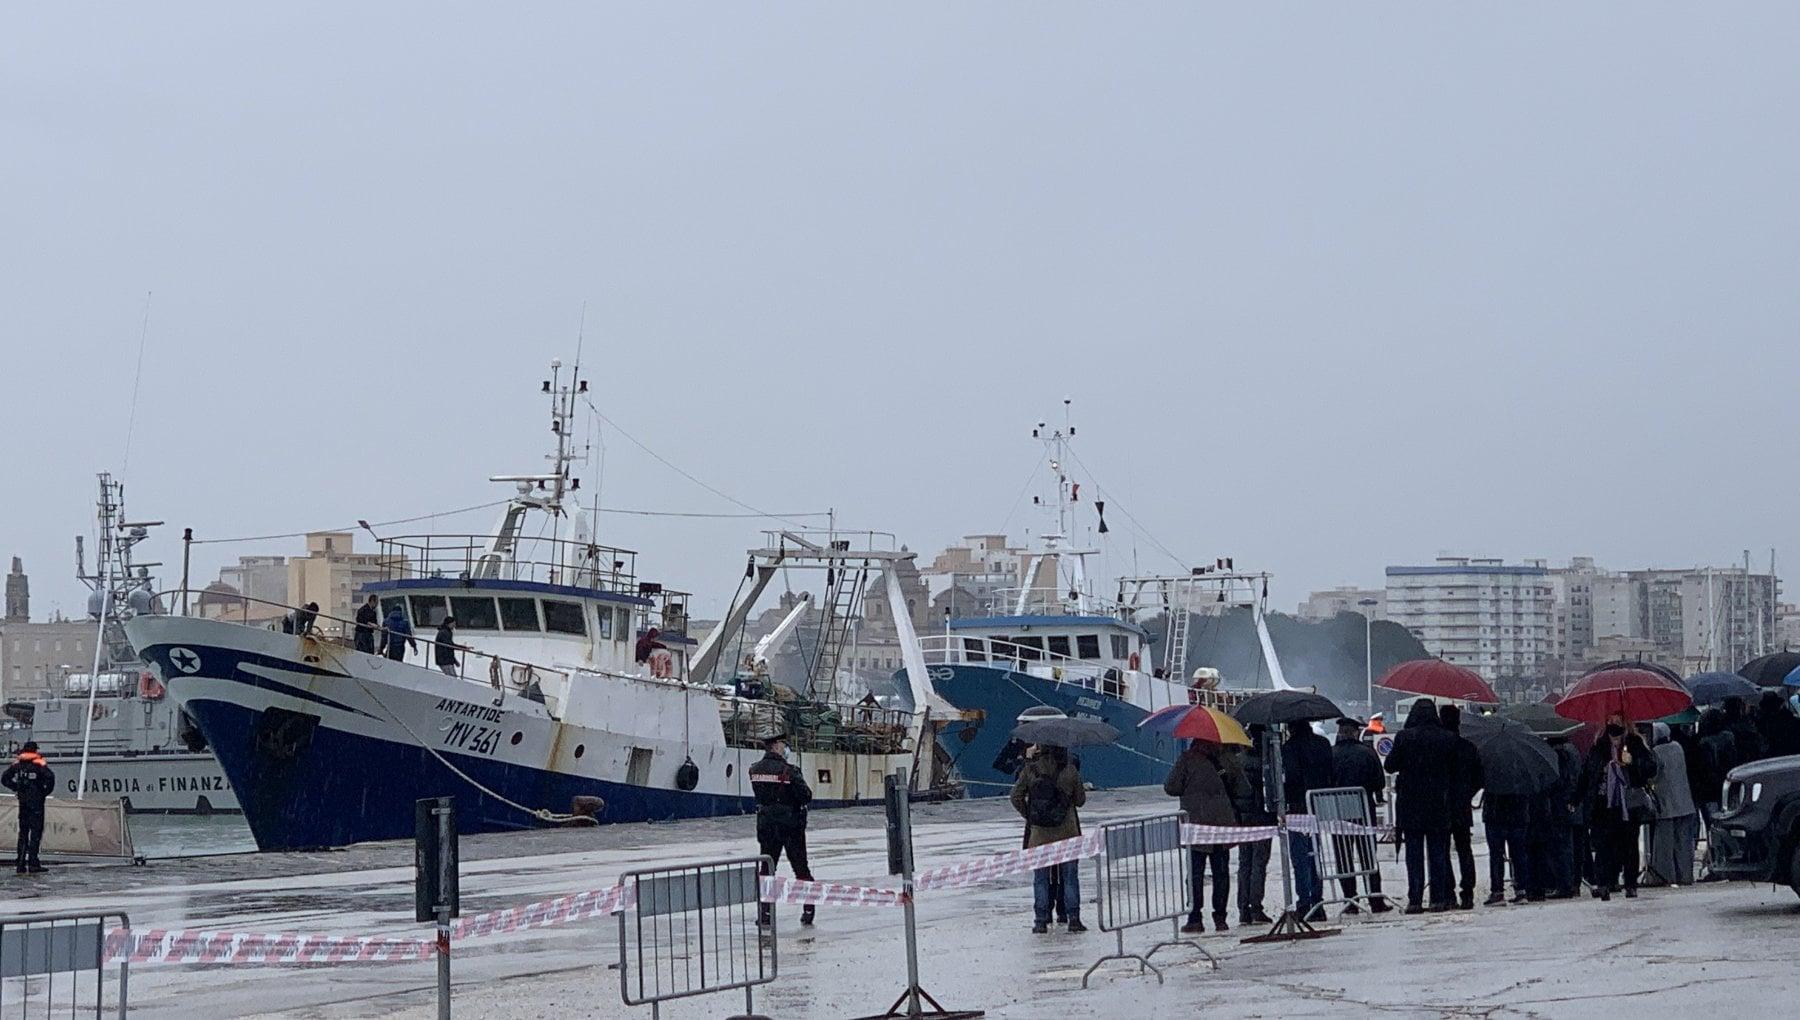 Mazara i pescatori liberati arrivano al porto. Lurlo di gioia delle famiglie